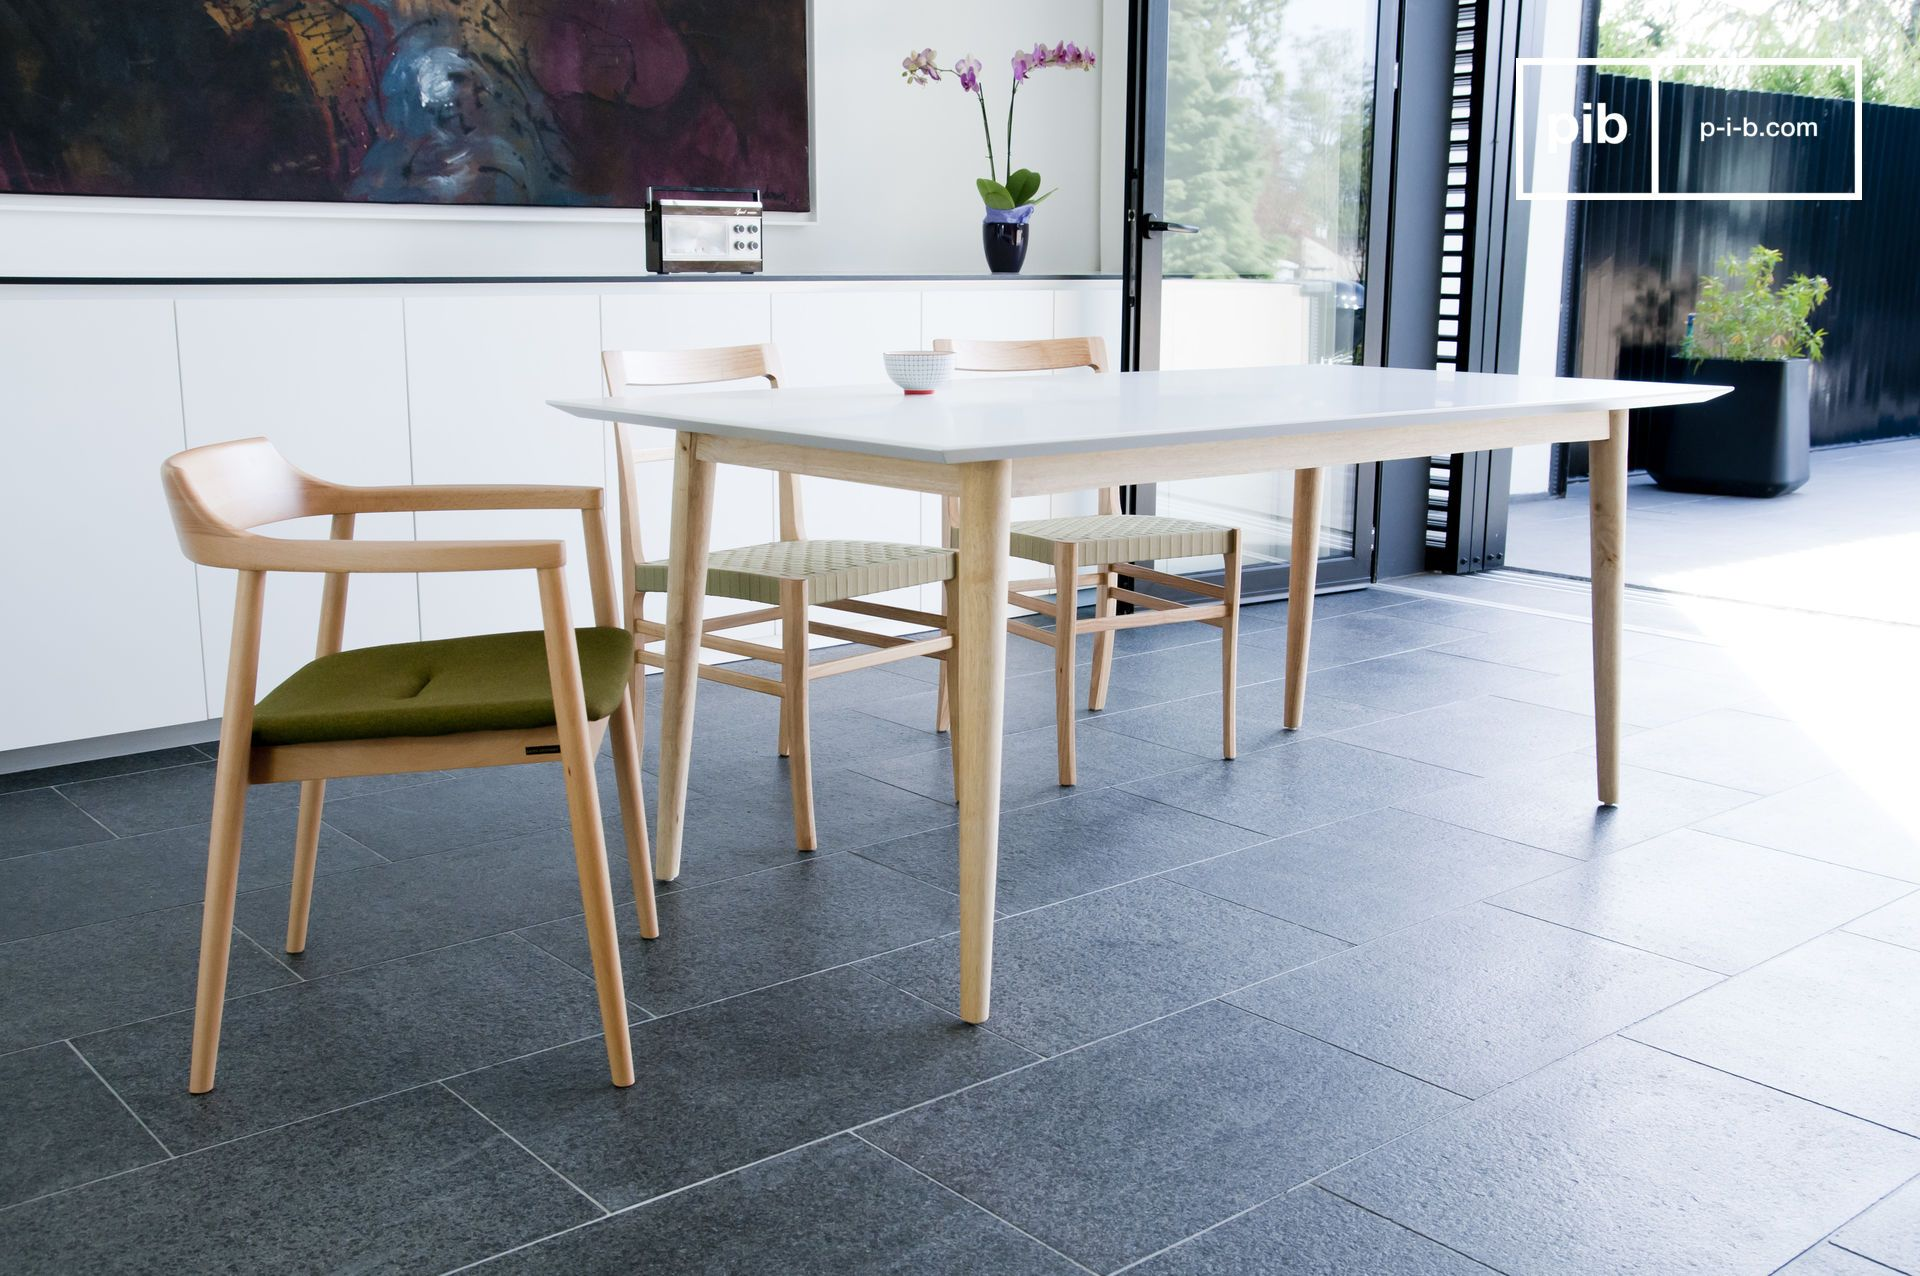 Beleuchtung Esszimmer Style : Holztisch fjord skandinavischer stil esszimmer und skandinavisch